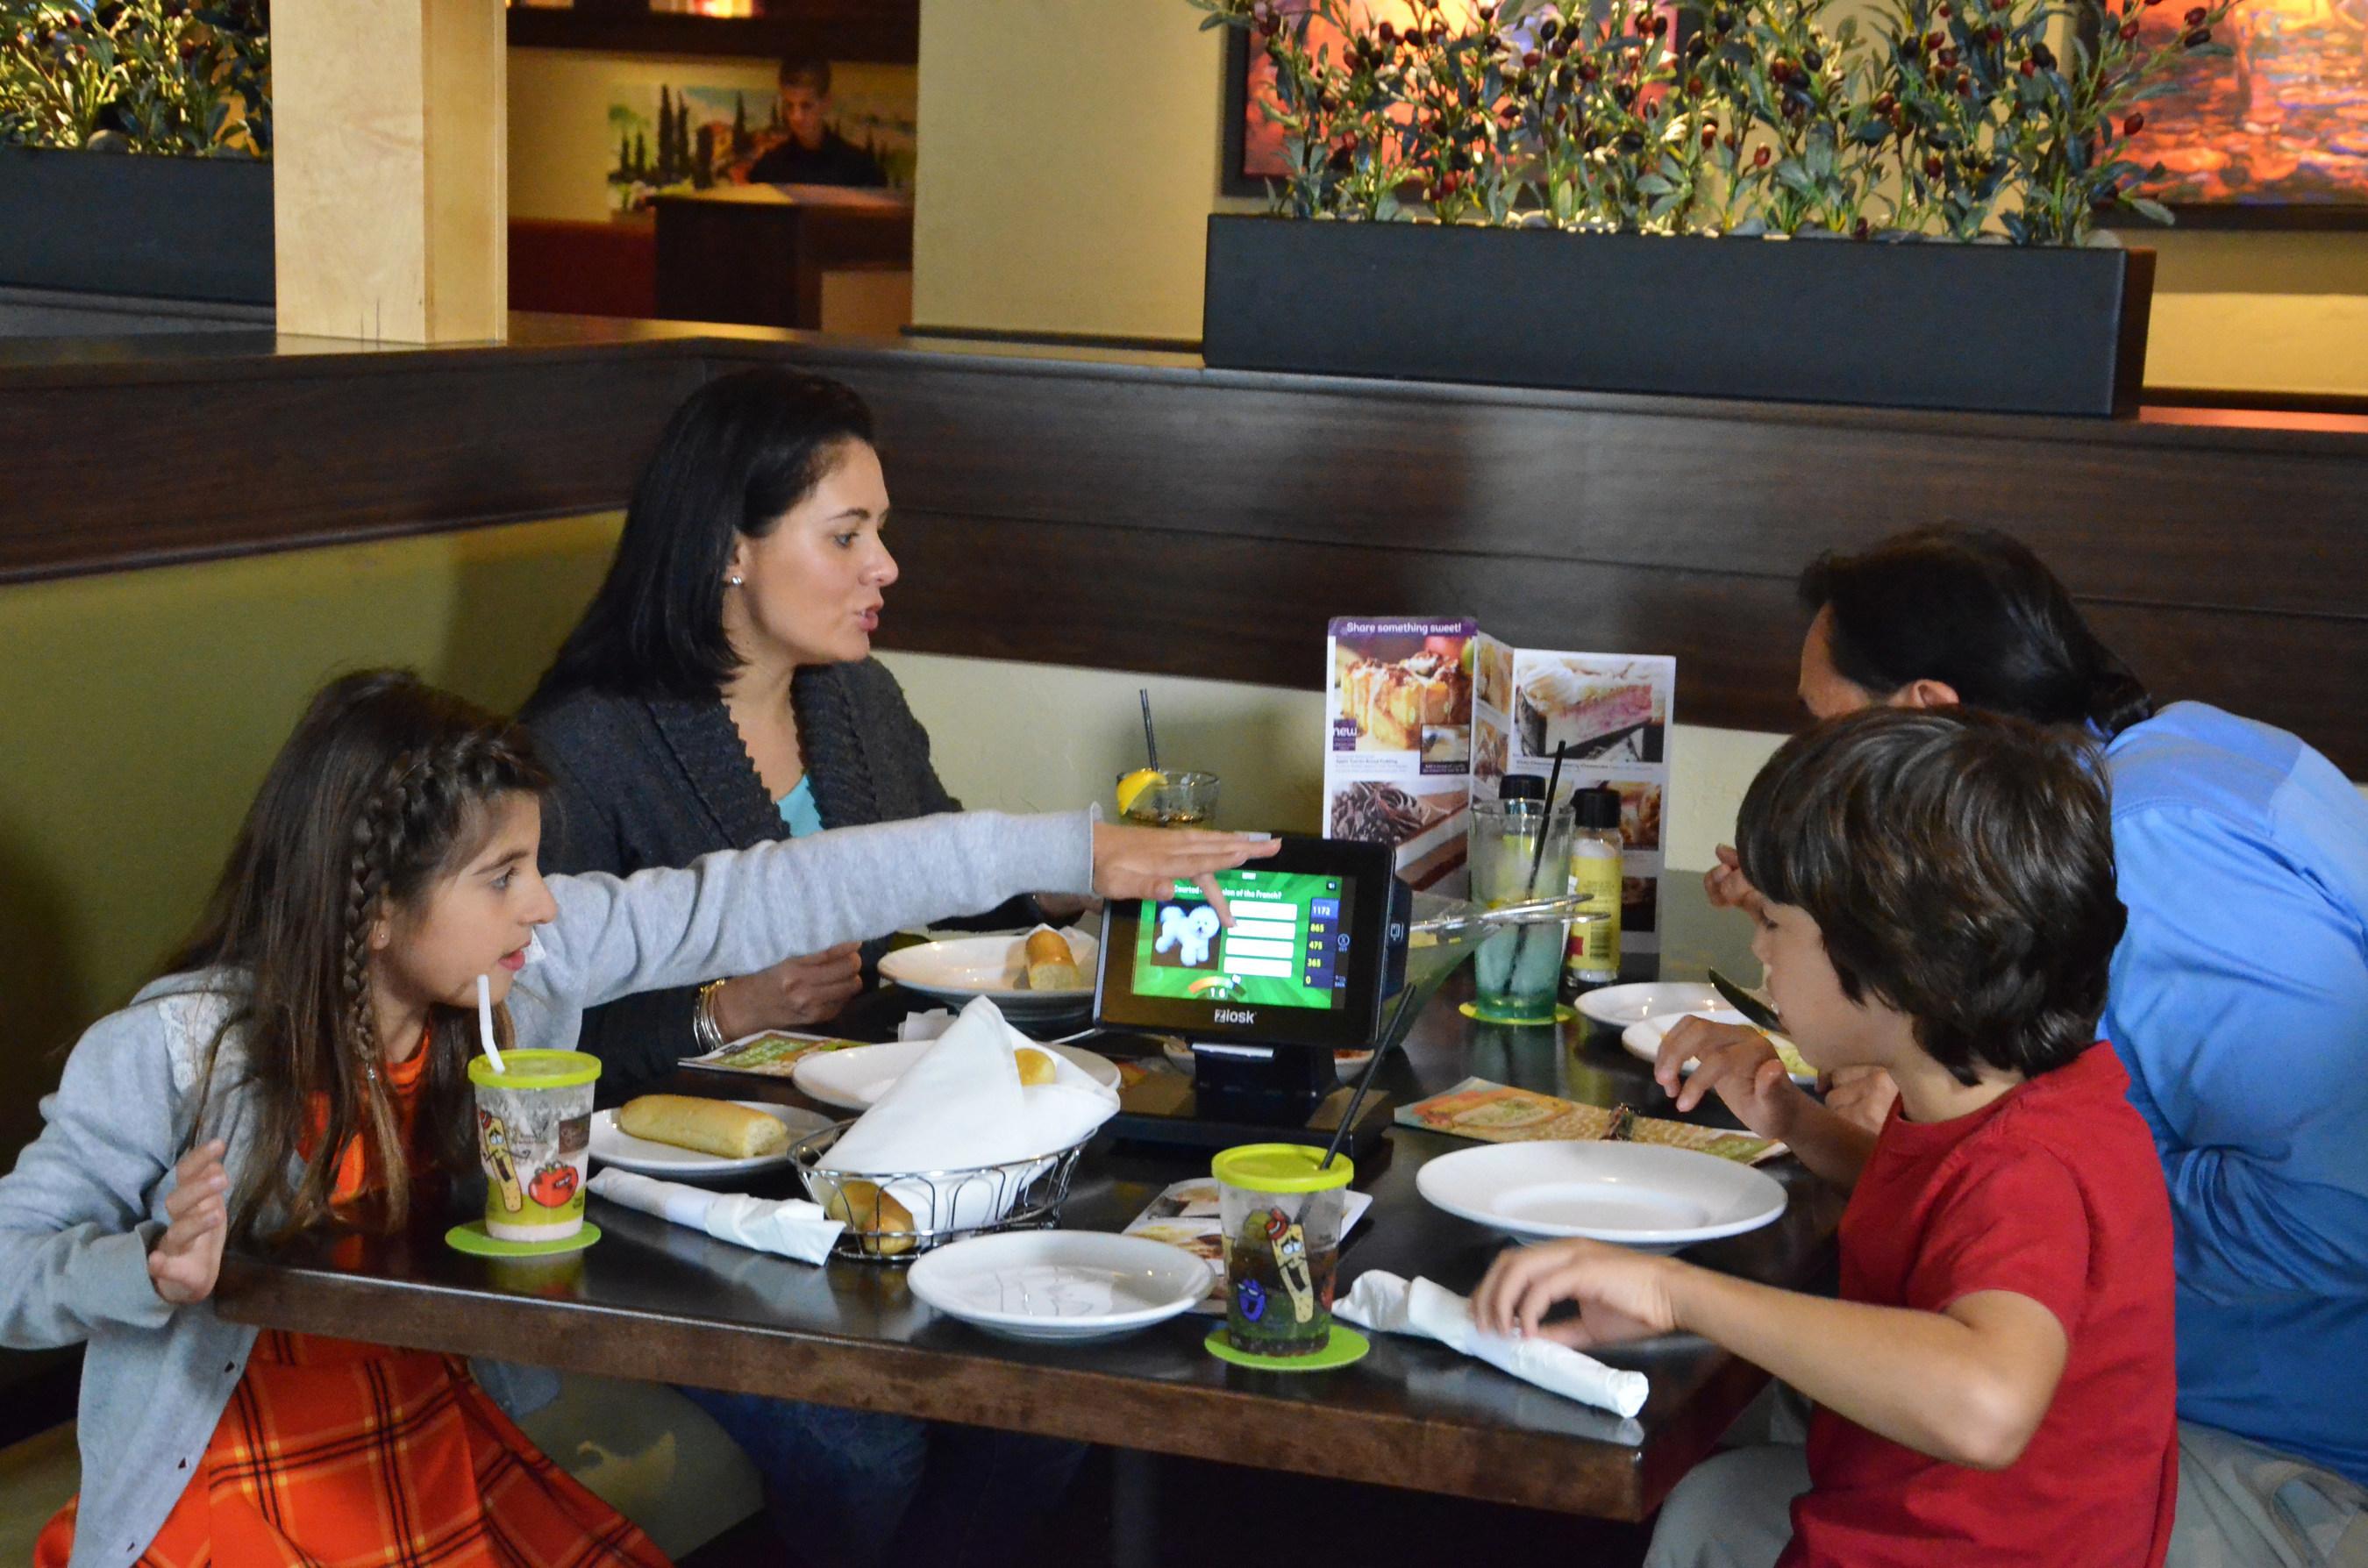 olive garden to introduce ziosk tabletop tablets - Olive Garden Folsom